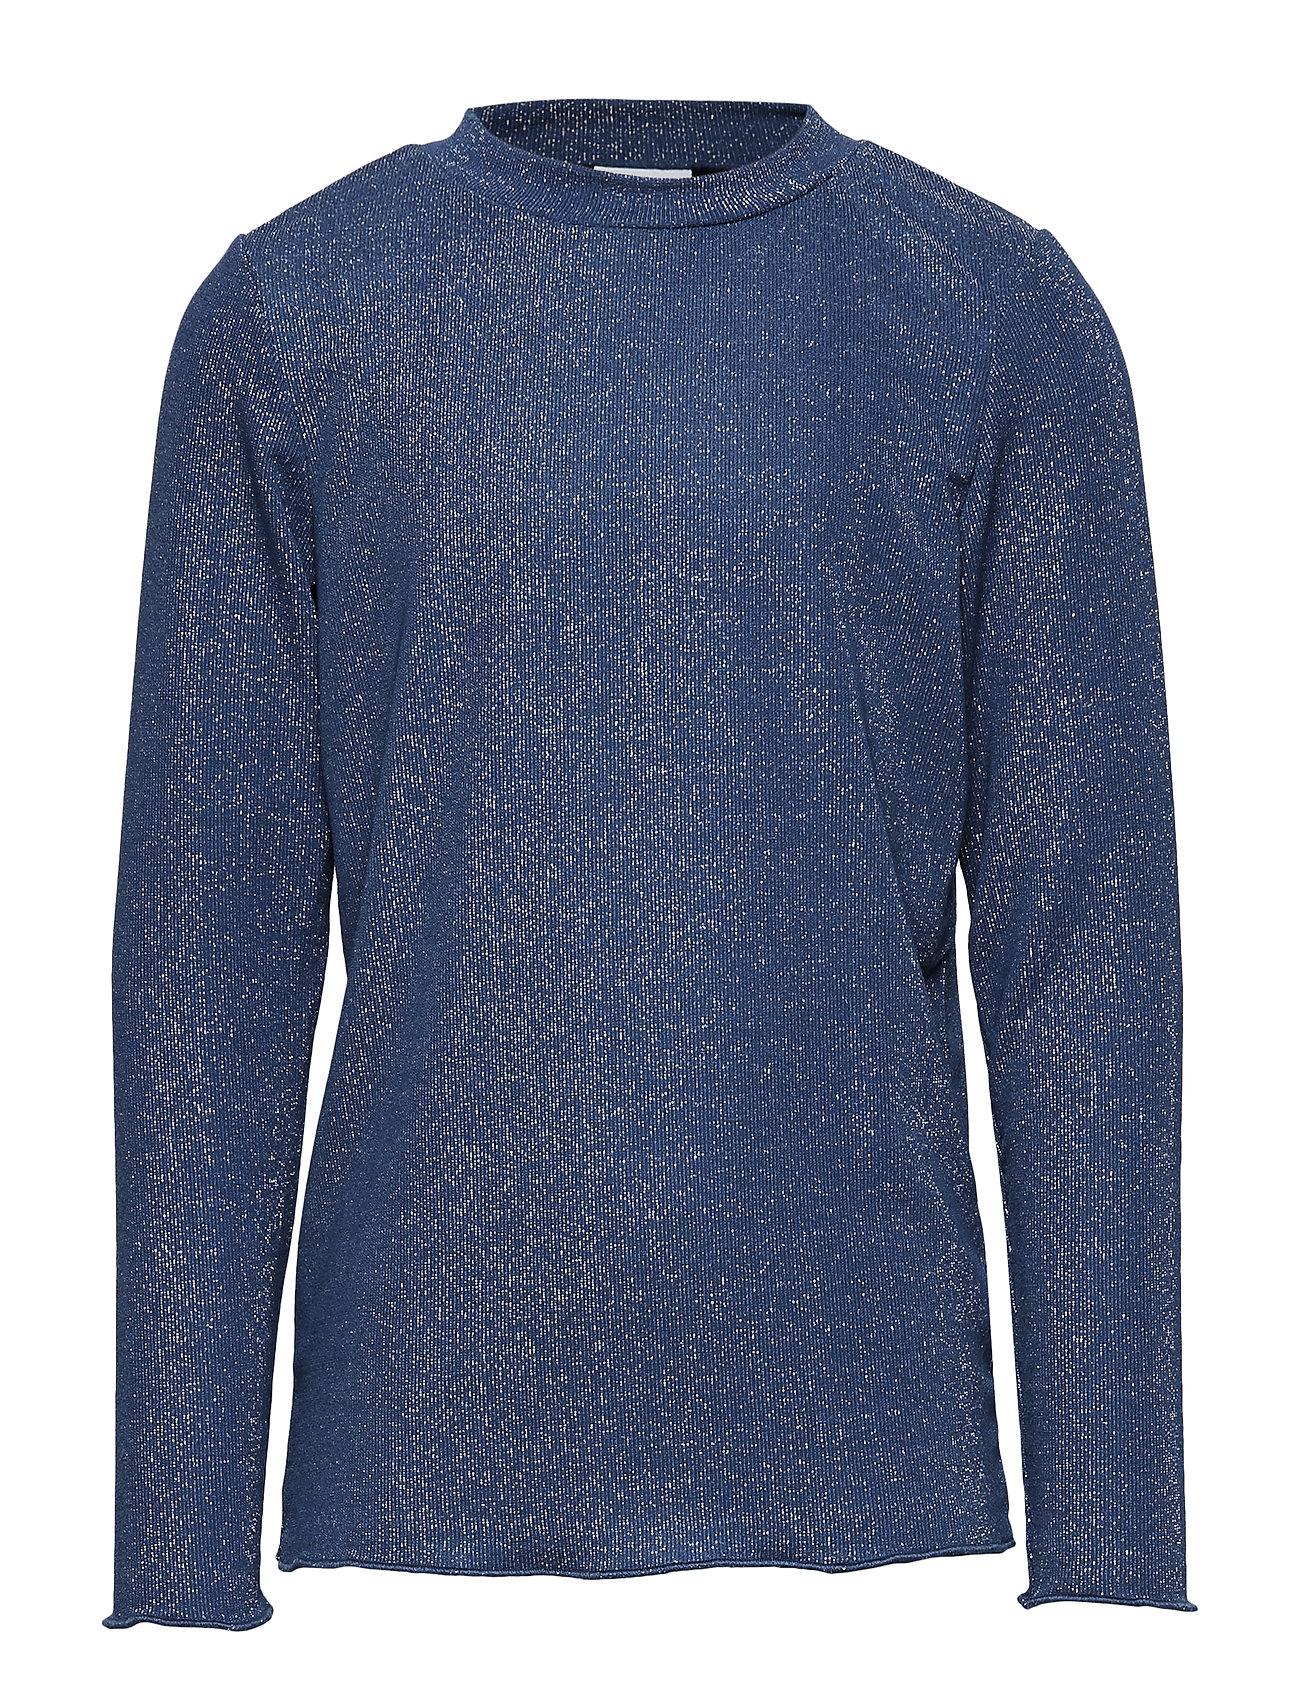 Image of Melly L_s Top Langærmet T-shirt Blå The New (3217408591)